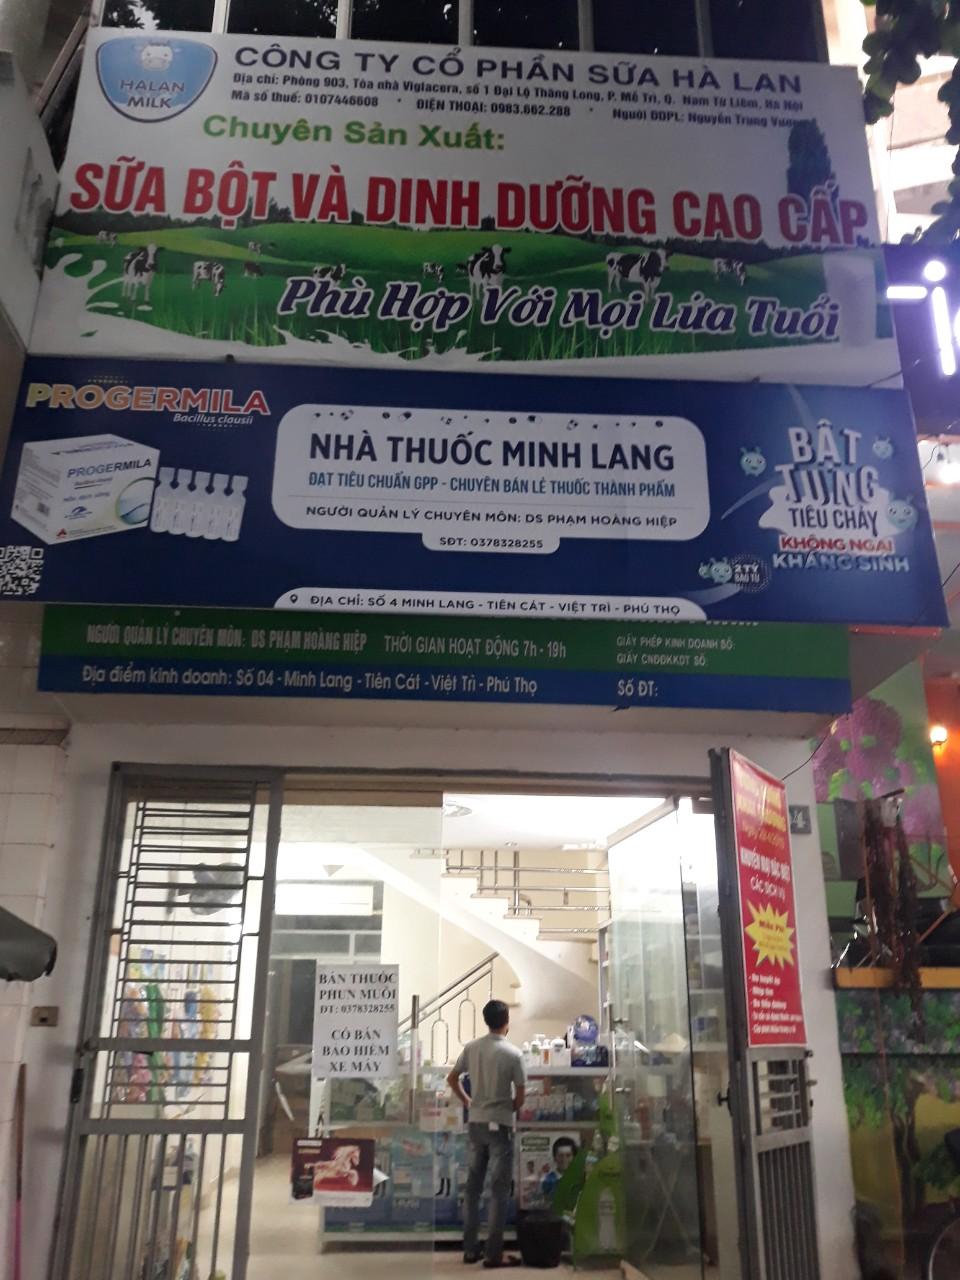 NT Minh Lang